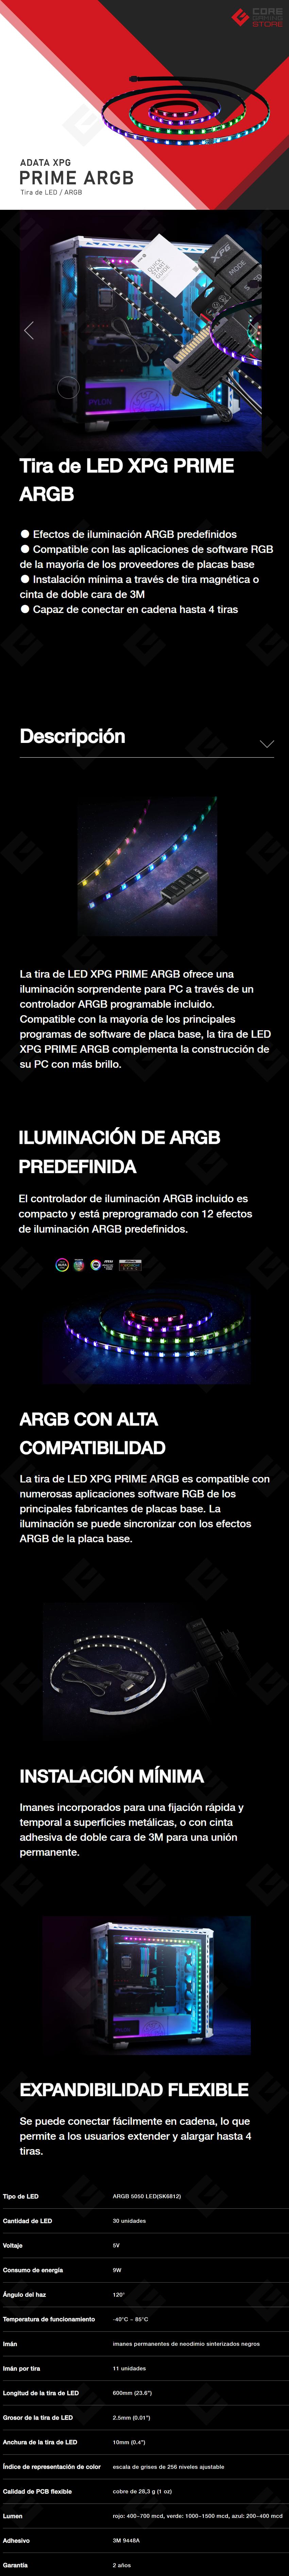 Tira LED Adata XPG Prime ARGB